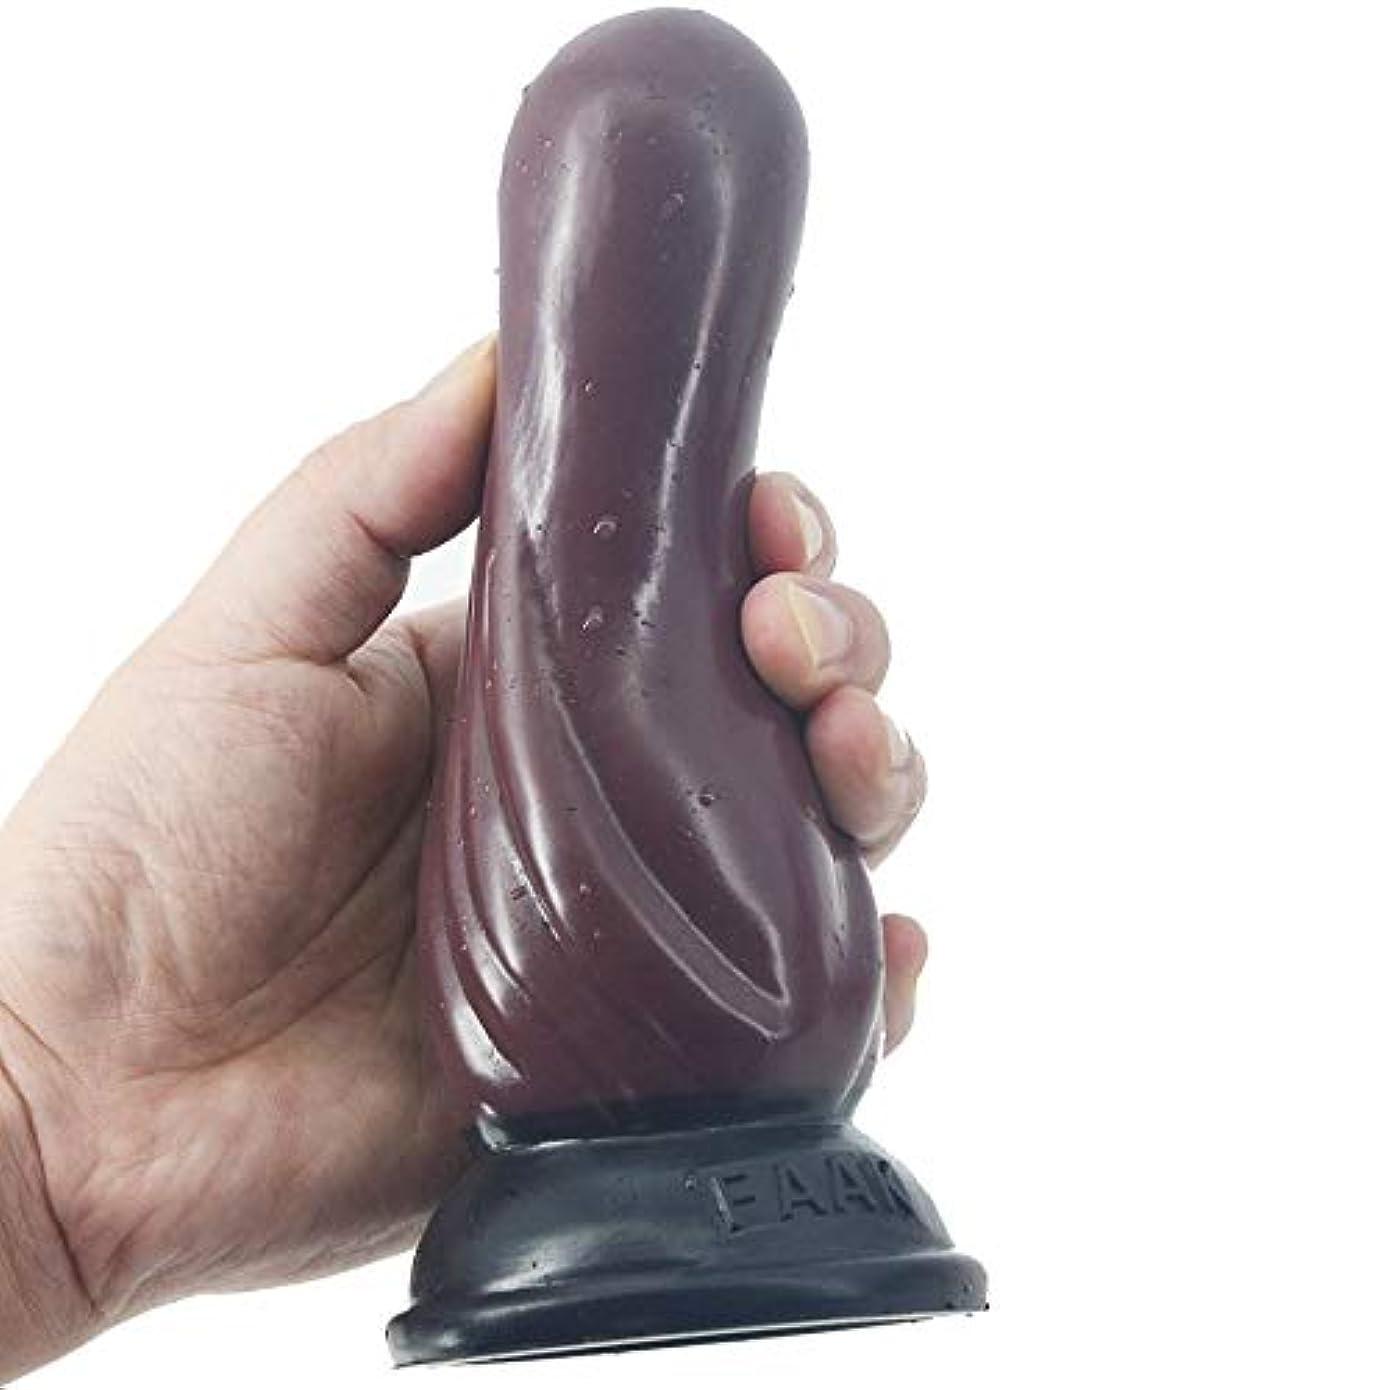 倫理満了仲間、同僚ChenXiDian 1PC Bea'ds A'mal Plugバイブレーター男性用女性用マッスルマッサージ-超快適な感覚、超刺激的な感覚を提供します。 本当の感触